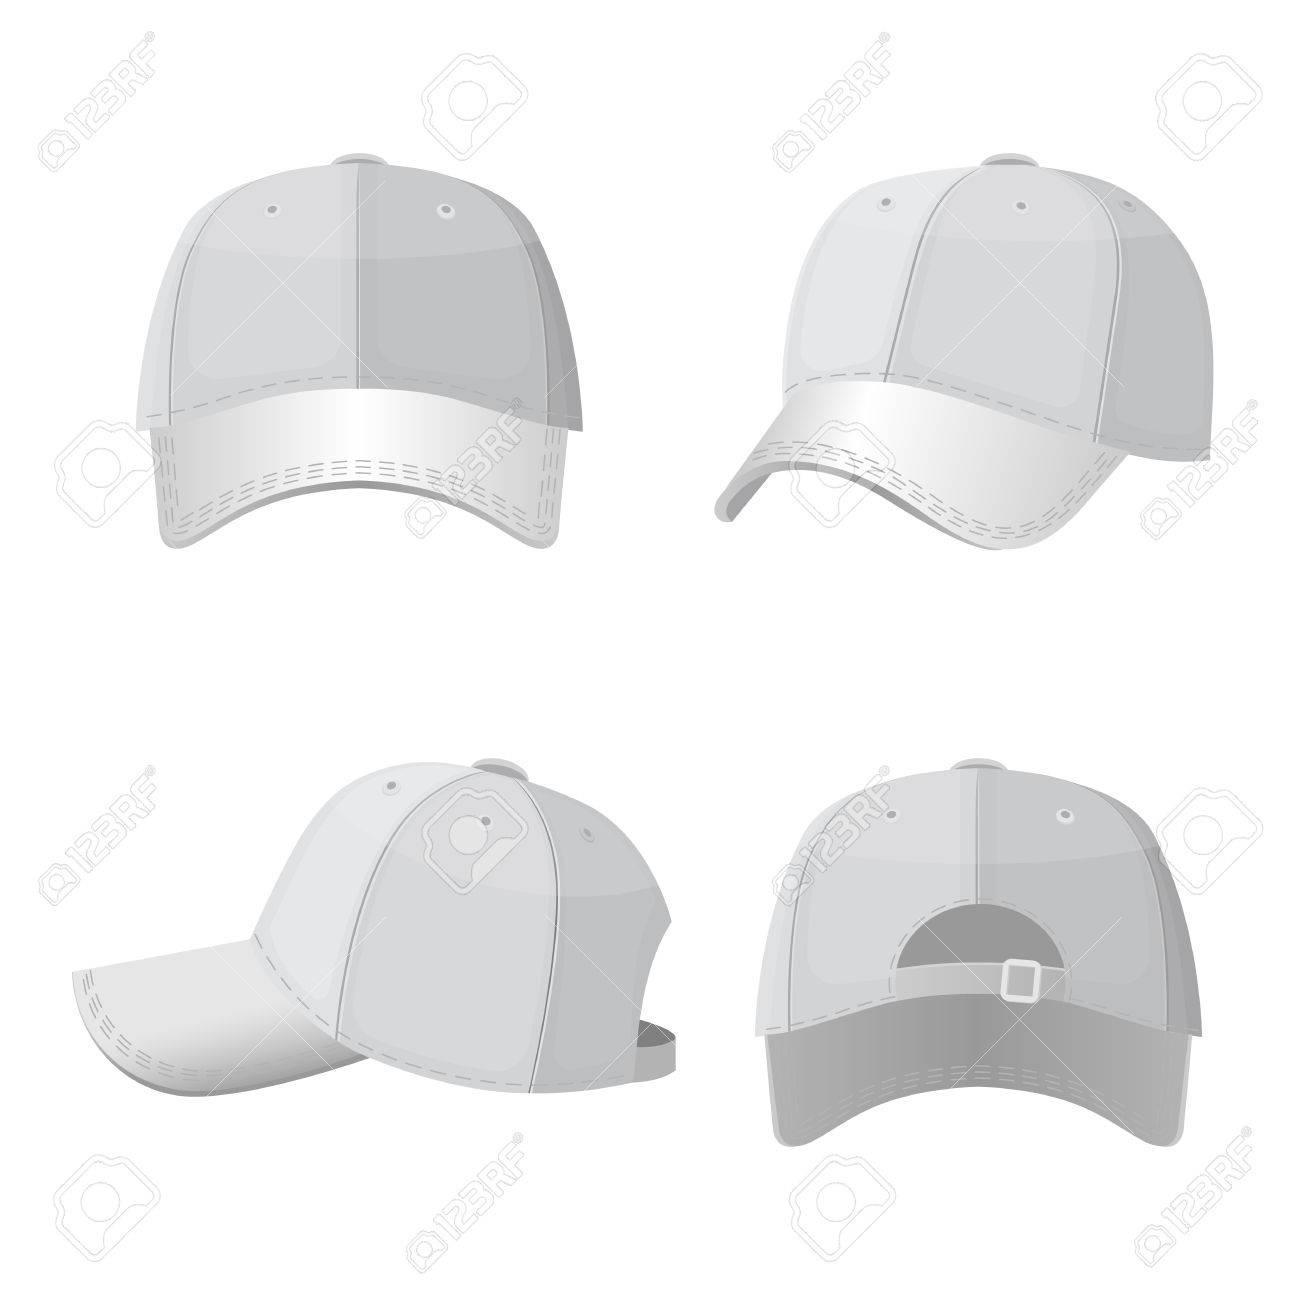 Foto de archivo - Gorras blancas de béisbol en el lado frontal y vista  posterior aislado f937d379765